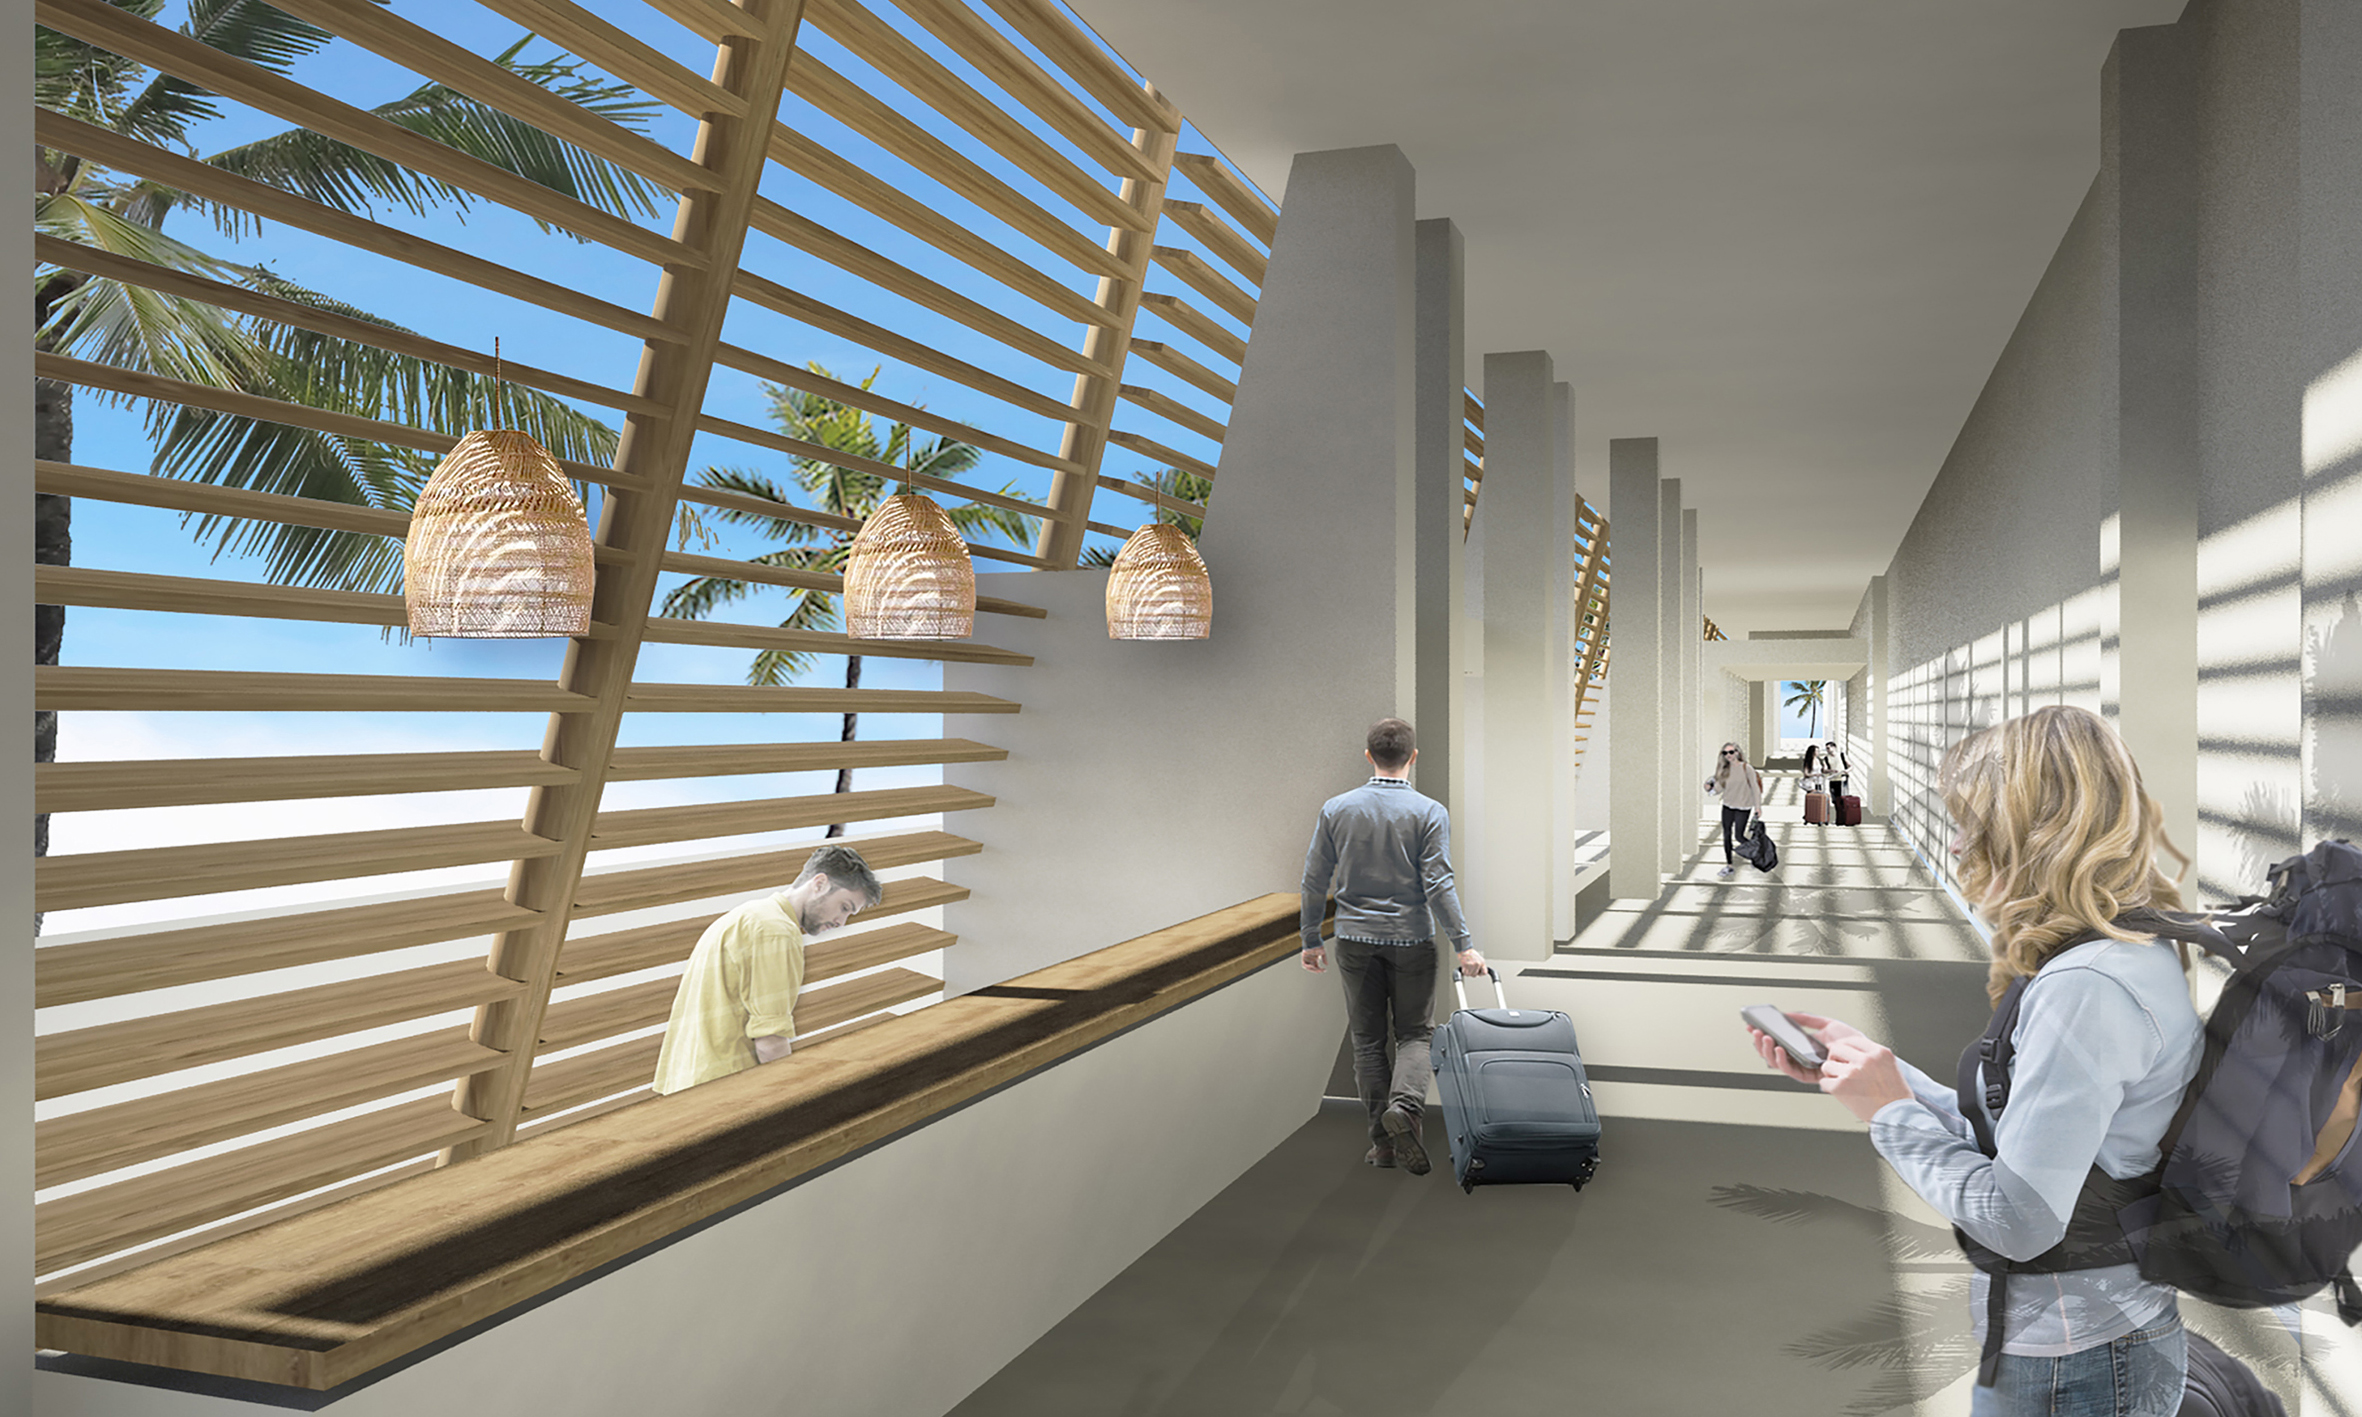 Σε καθίσματα αναμονής SATO θα κάθονται οι επισκέπτες των νέων αεροδρομίων